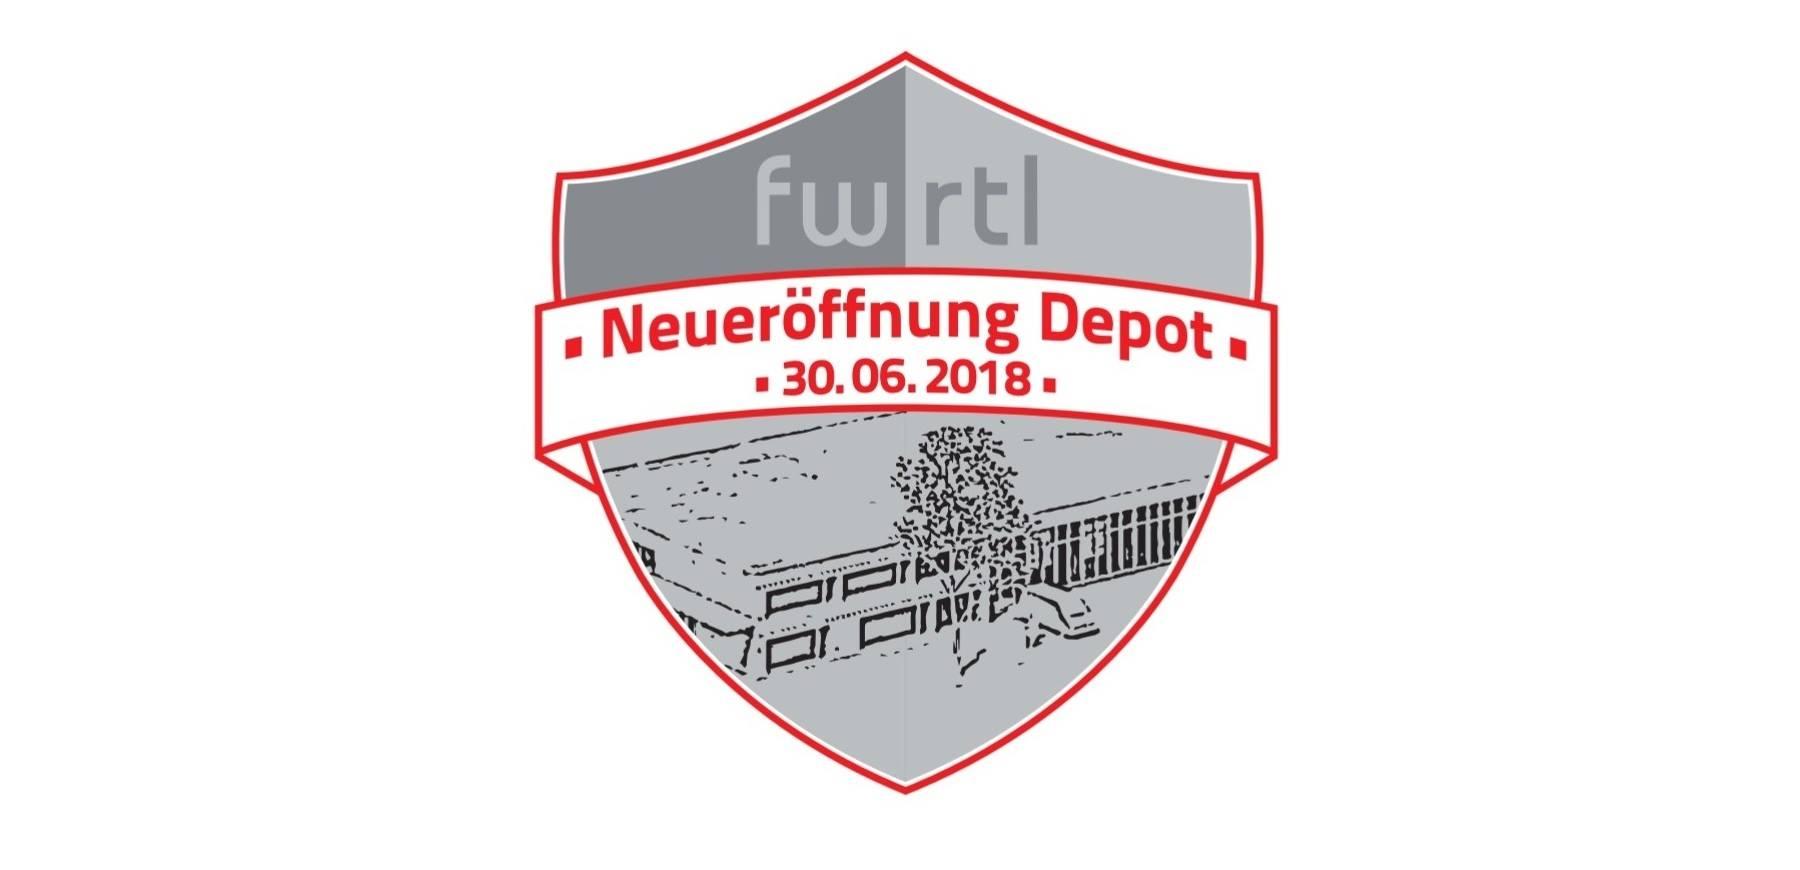 Neueröffnung Depot Feuerwehr und Rettungsdienst Rheineck